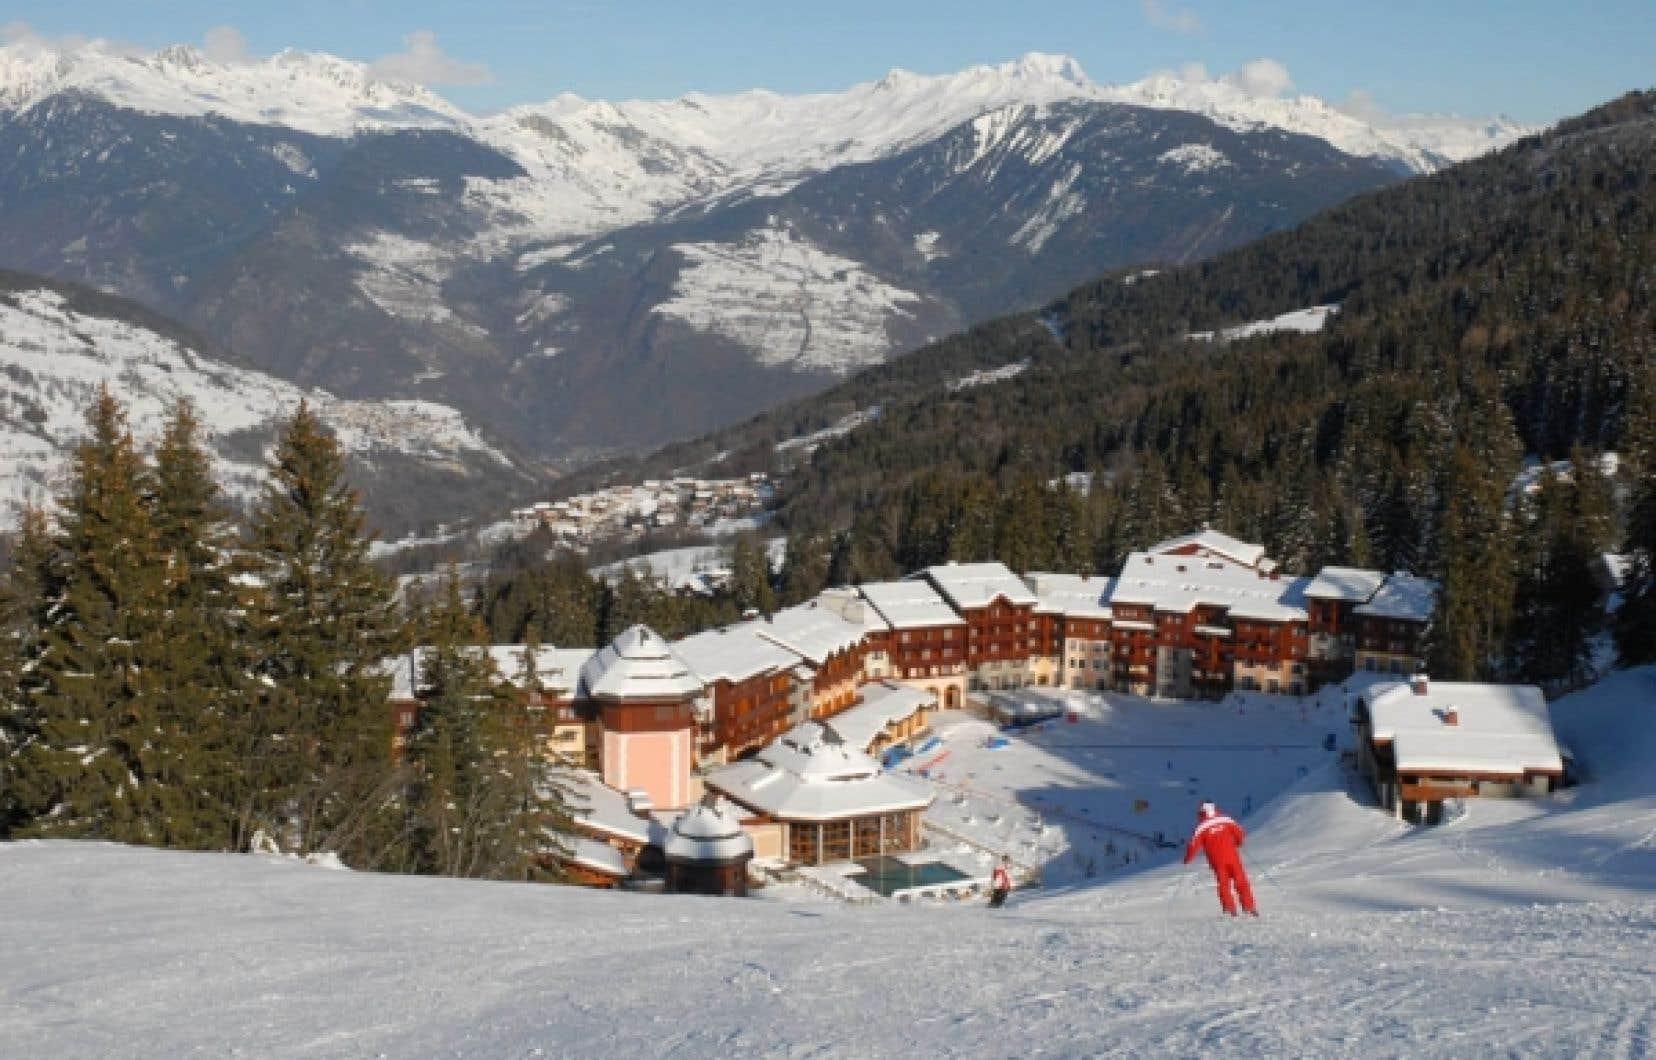 Le Club Med et, en arrière-plan, le mont Blanc<br />